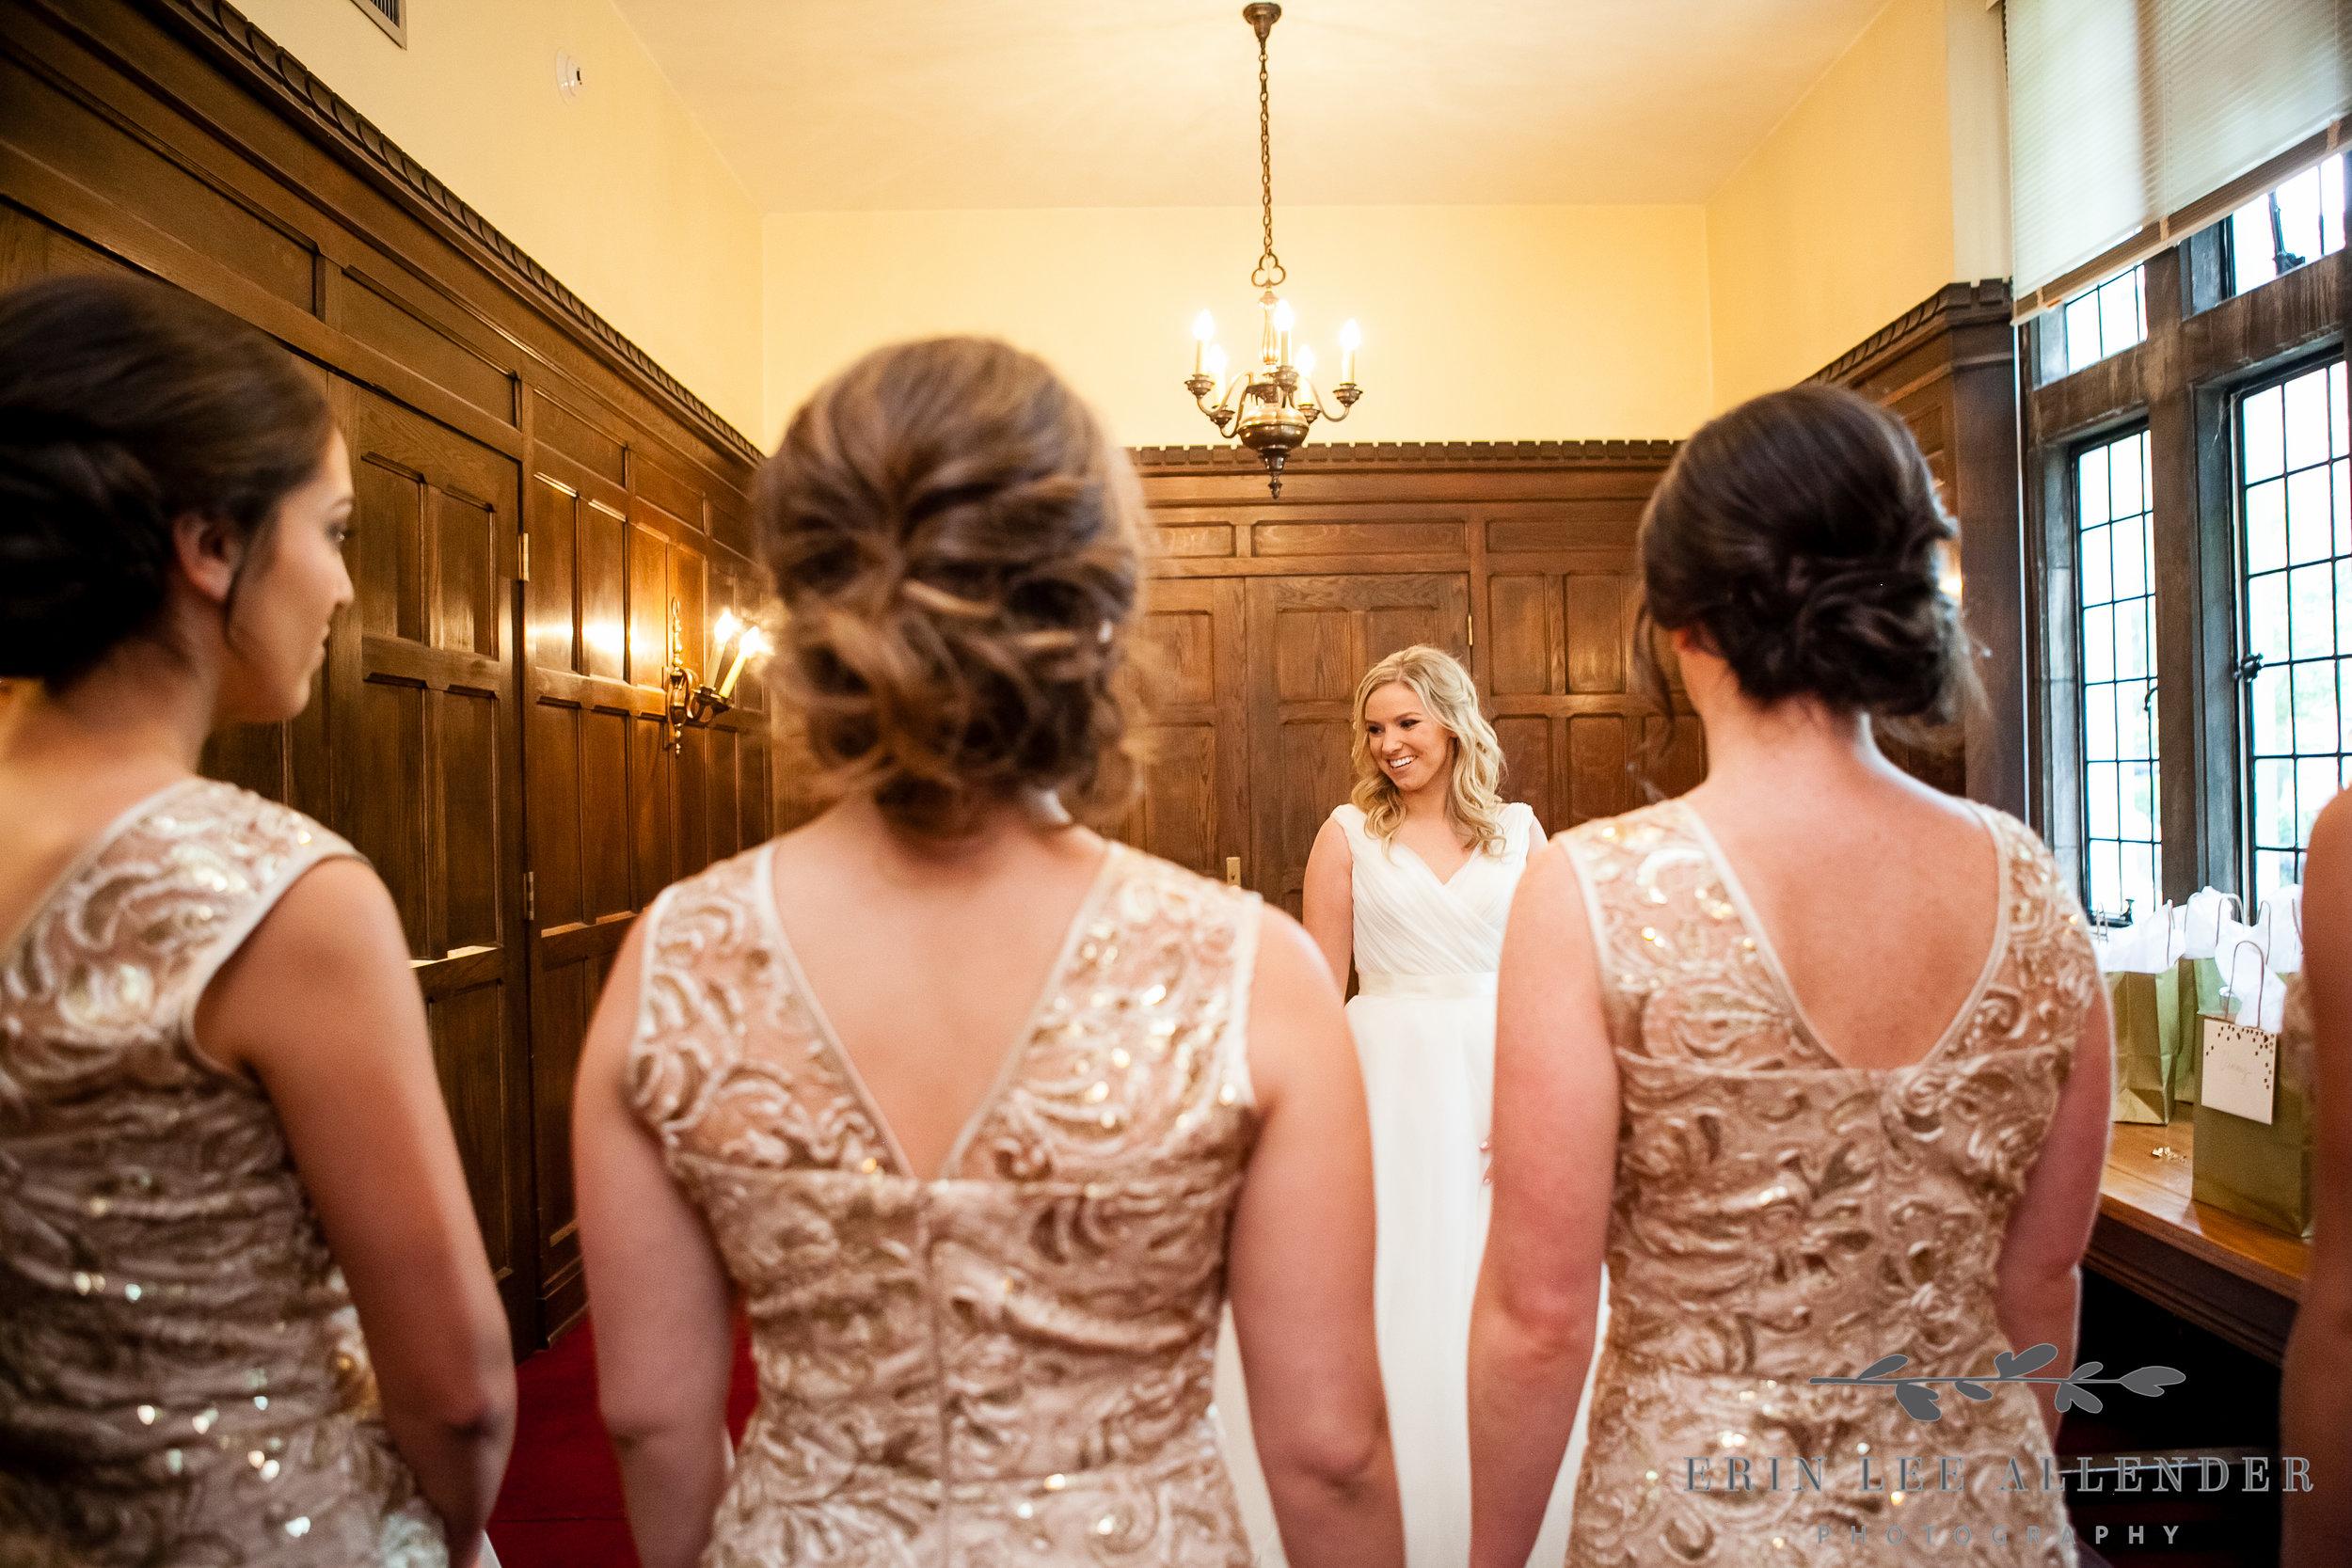 Bridesmaids_Look_at_Bride